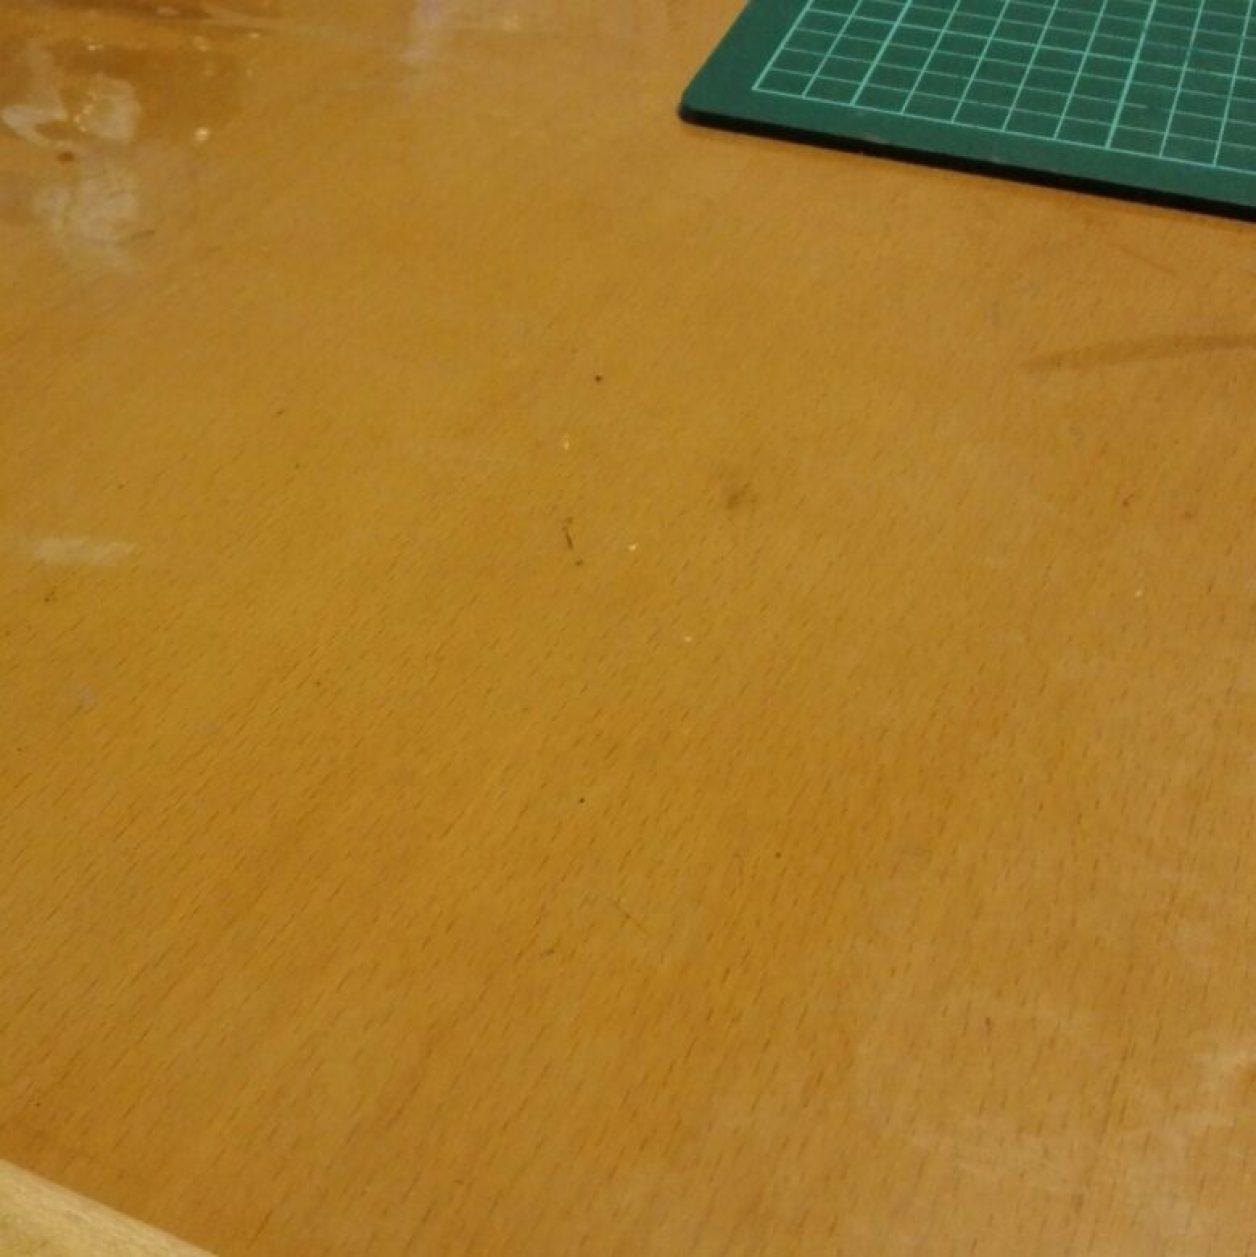 ガンプラ制作でお勧めのお役立ちツールの卓上掃除機で清掃した後の画像